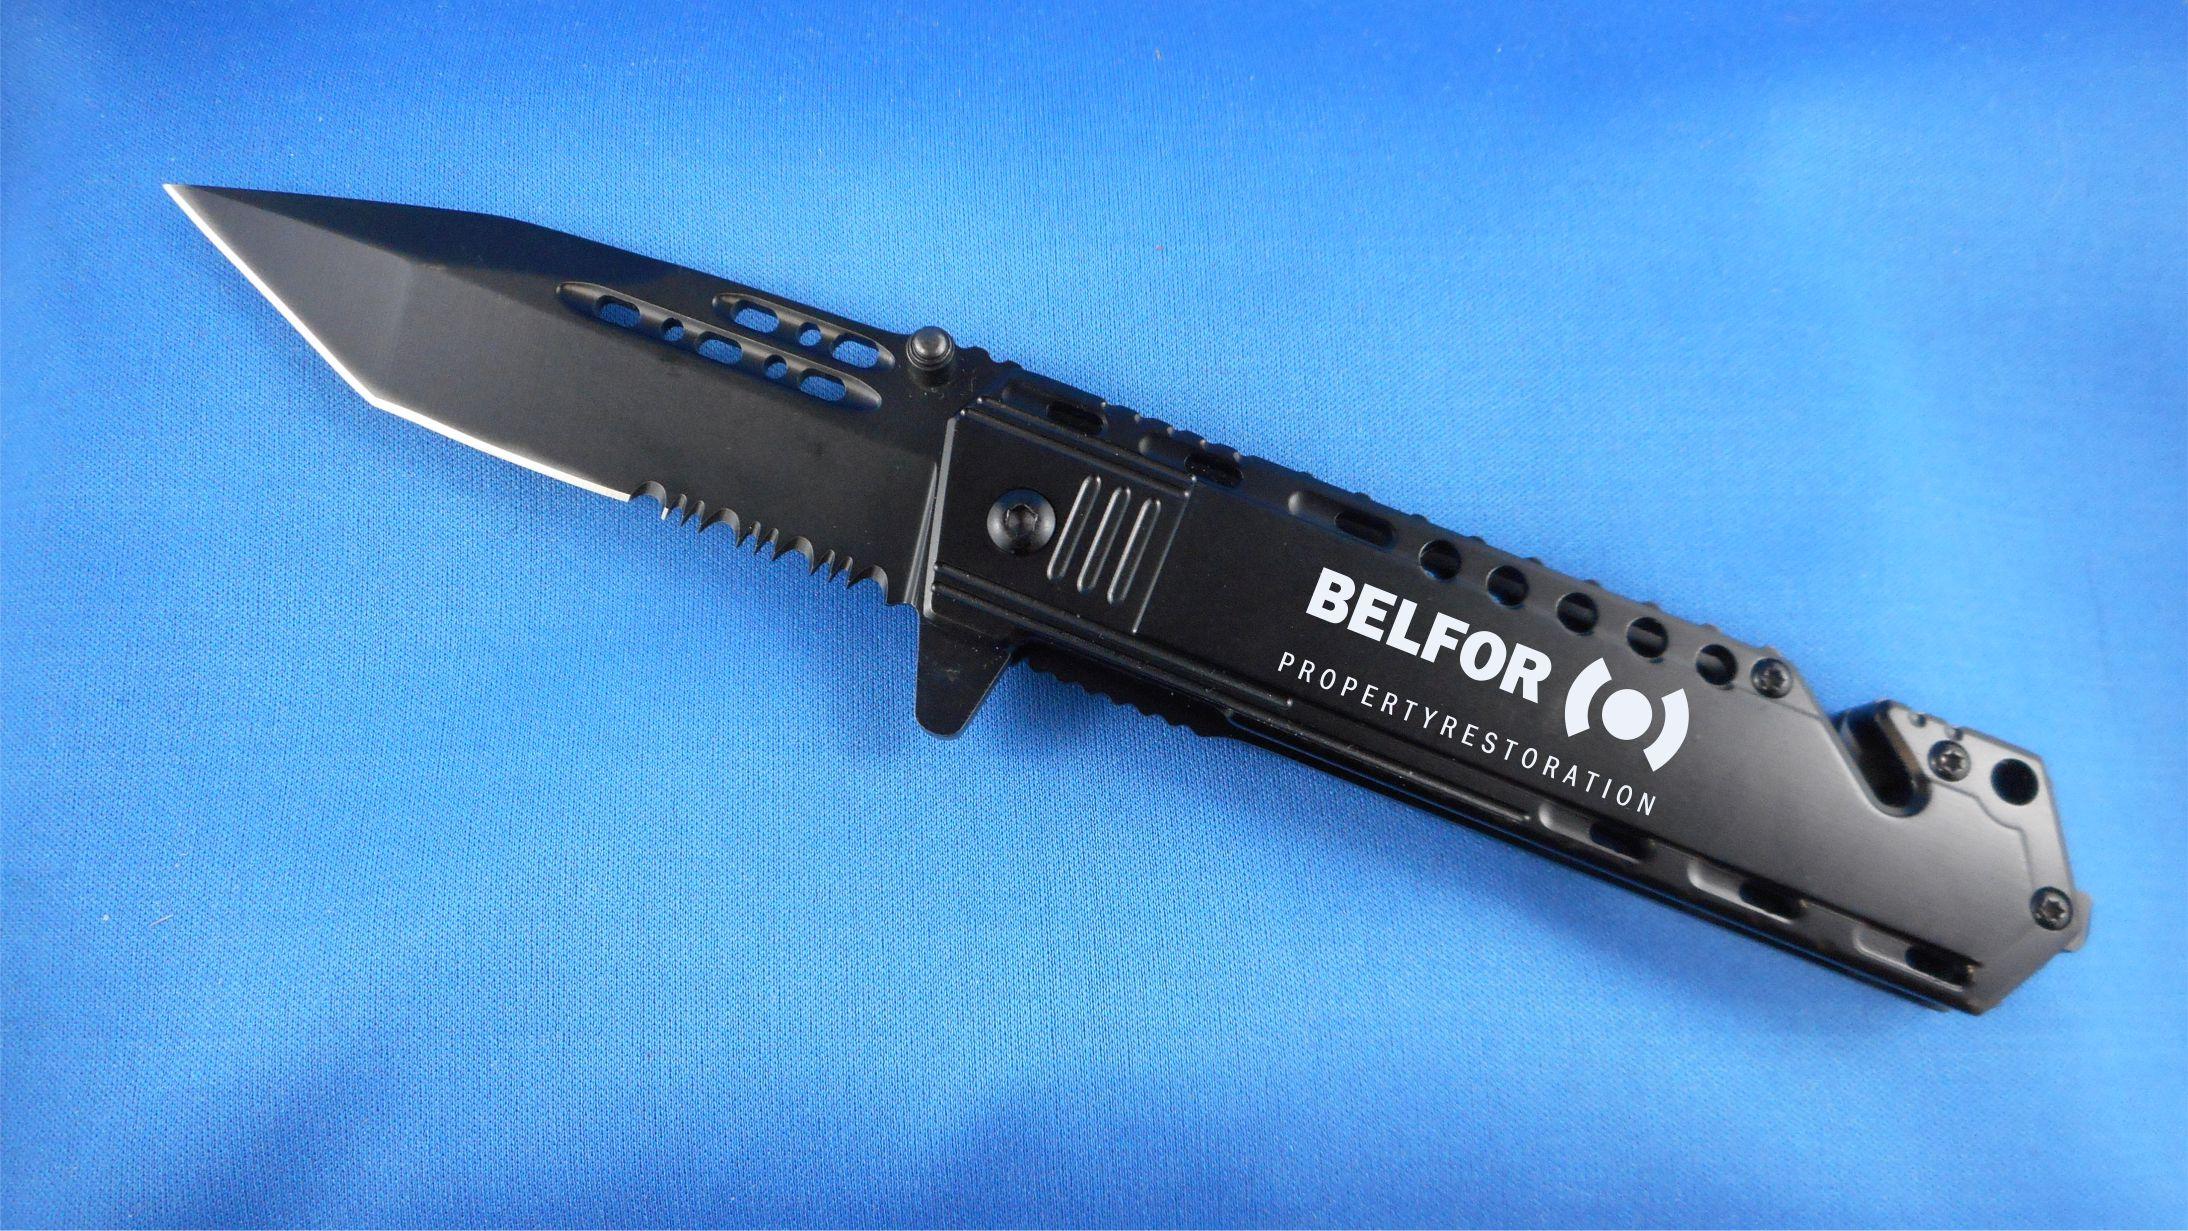 Black Safety Knife